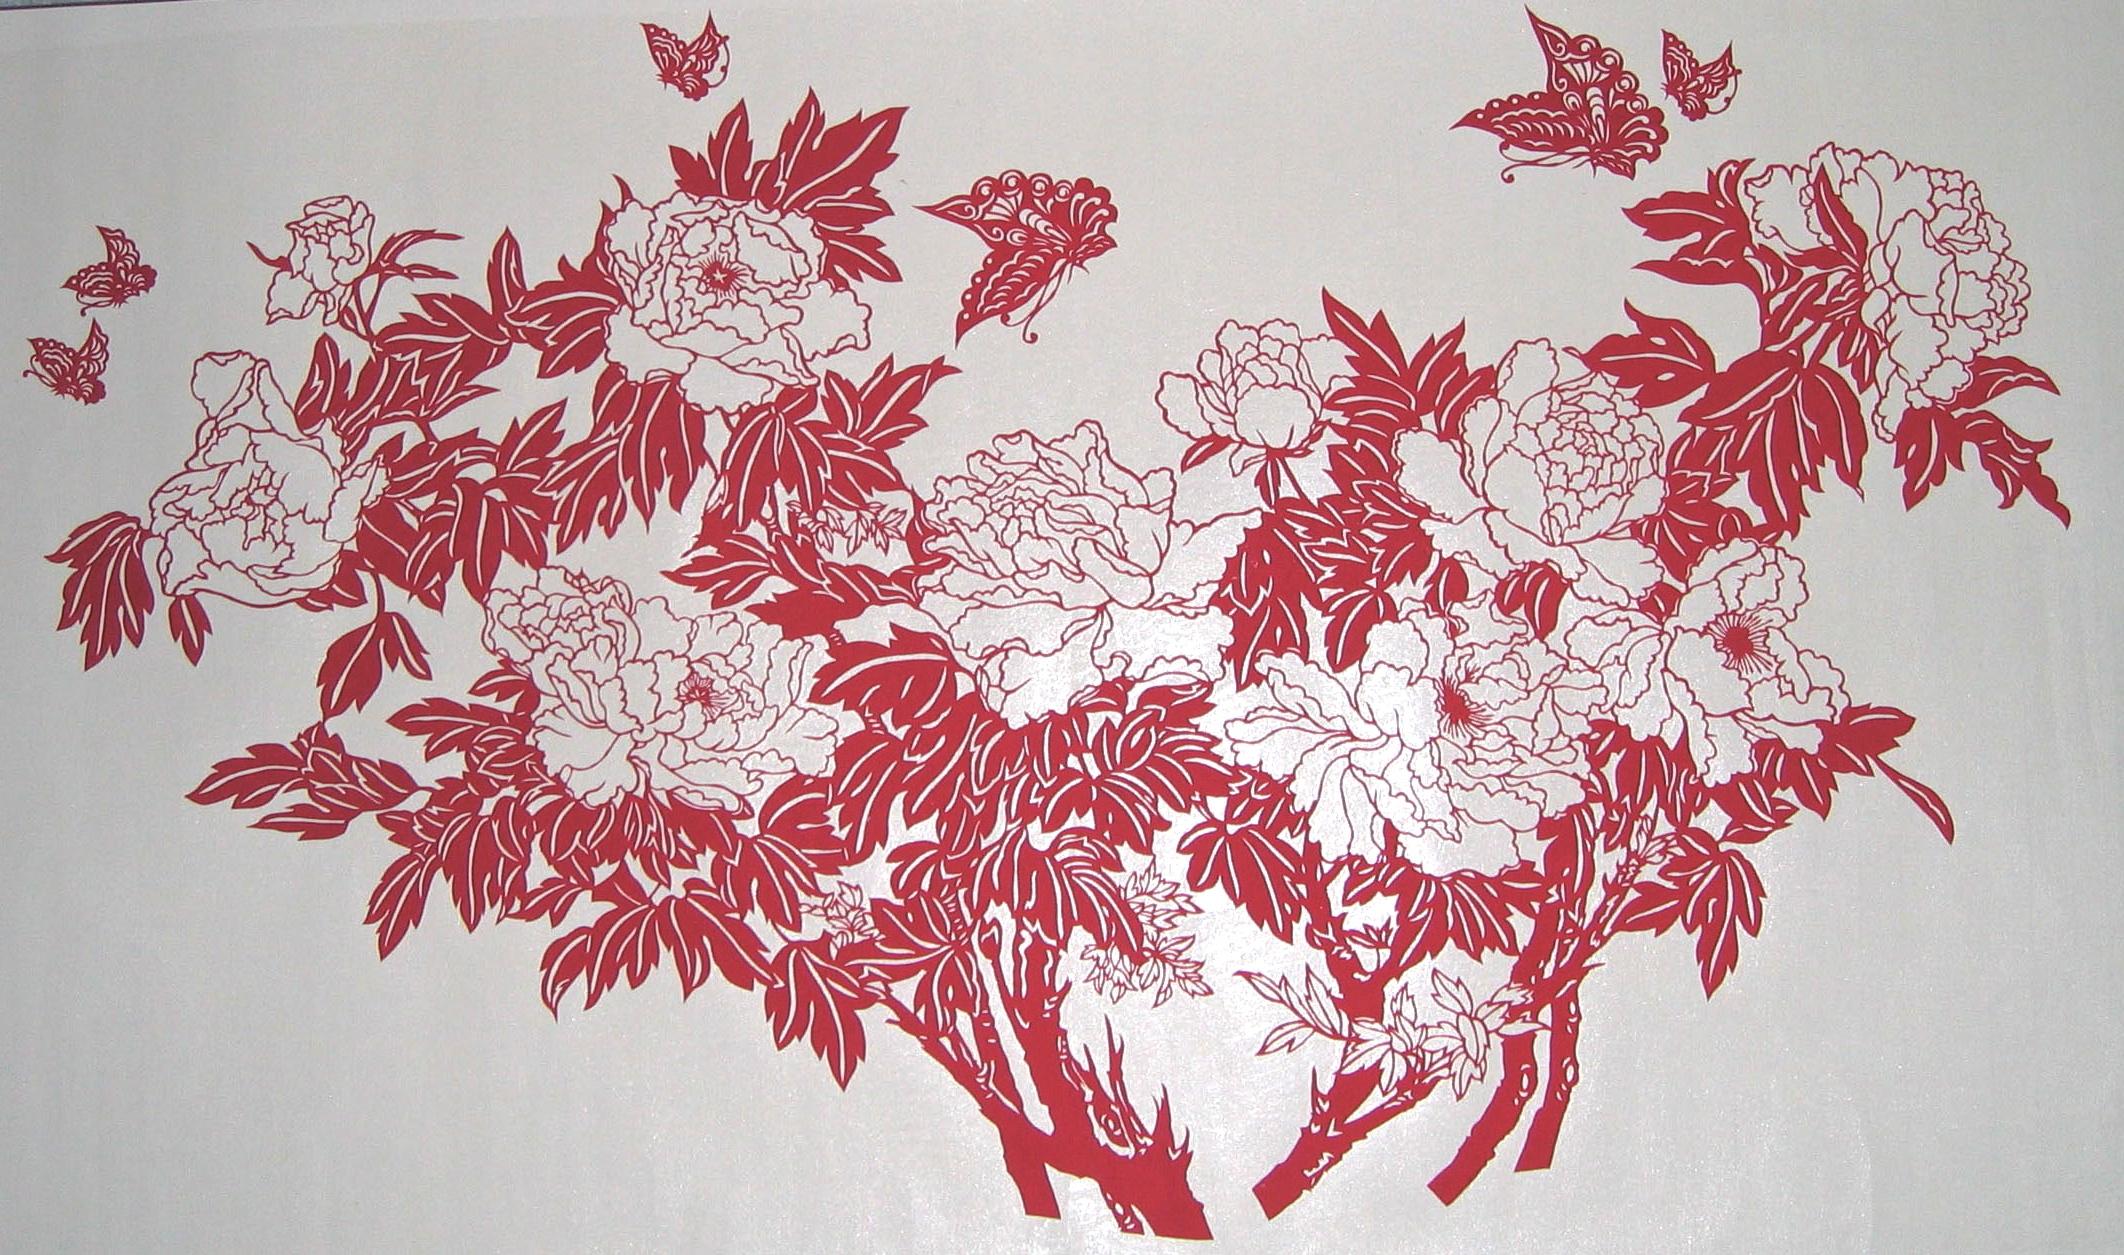 在新中国成立之前就已经出现了剪纸这个农家自娱自乐的节目.